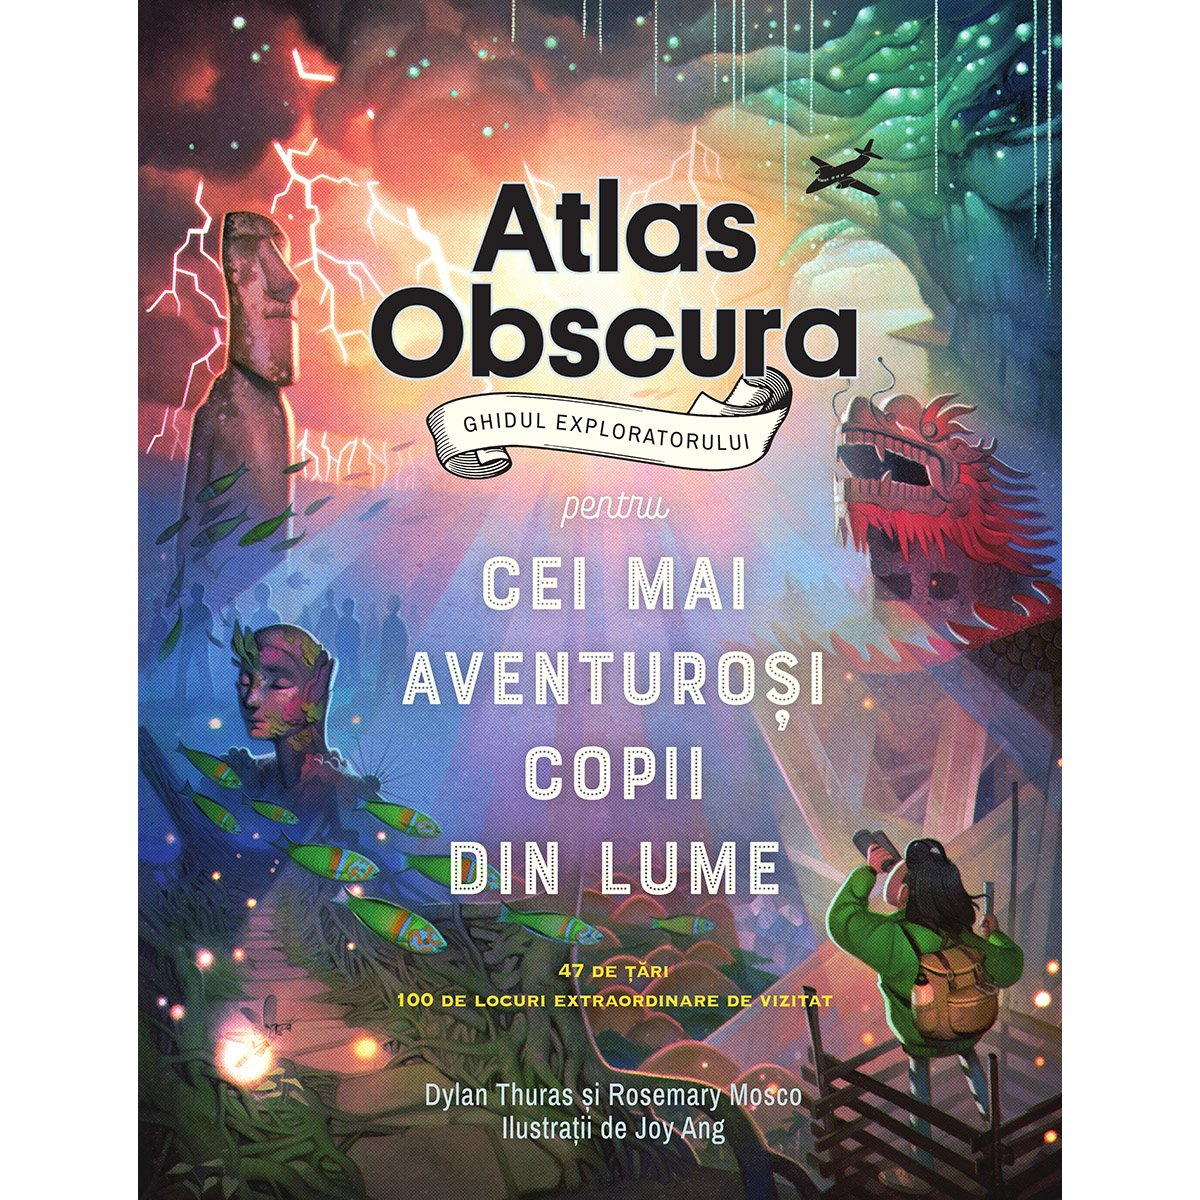 Carte Editura Pandora M, Atlas Obscura: ghidul exploratorului pentru cei mai aventurosi copii din lume, Dylan Thuras